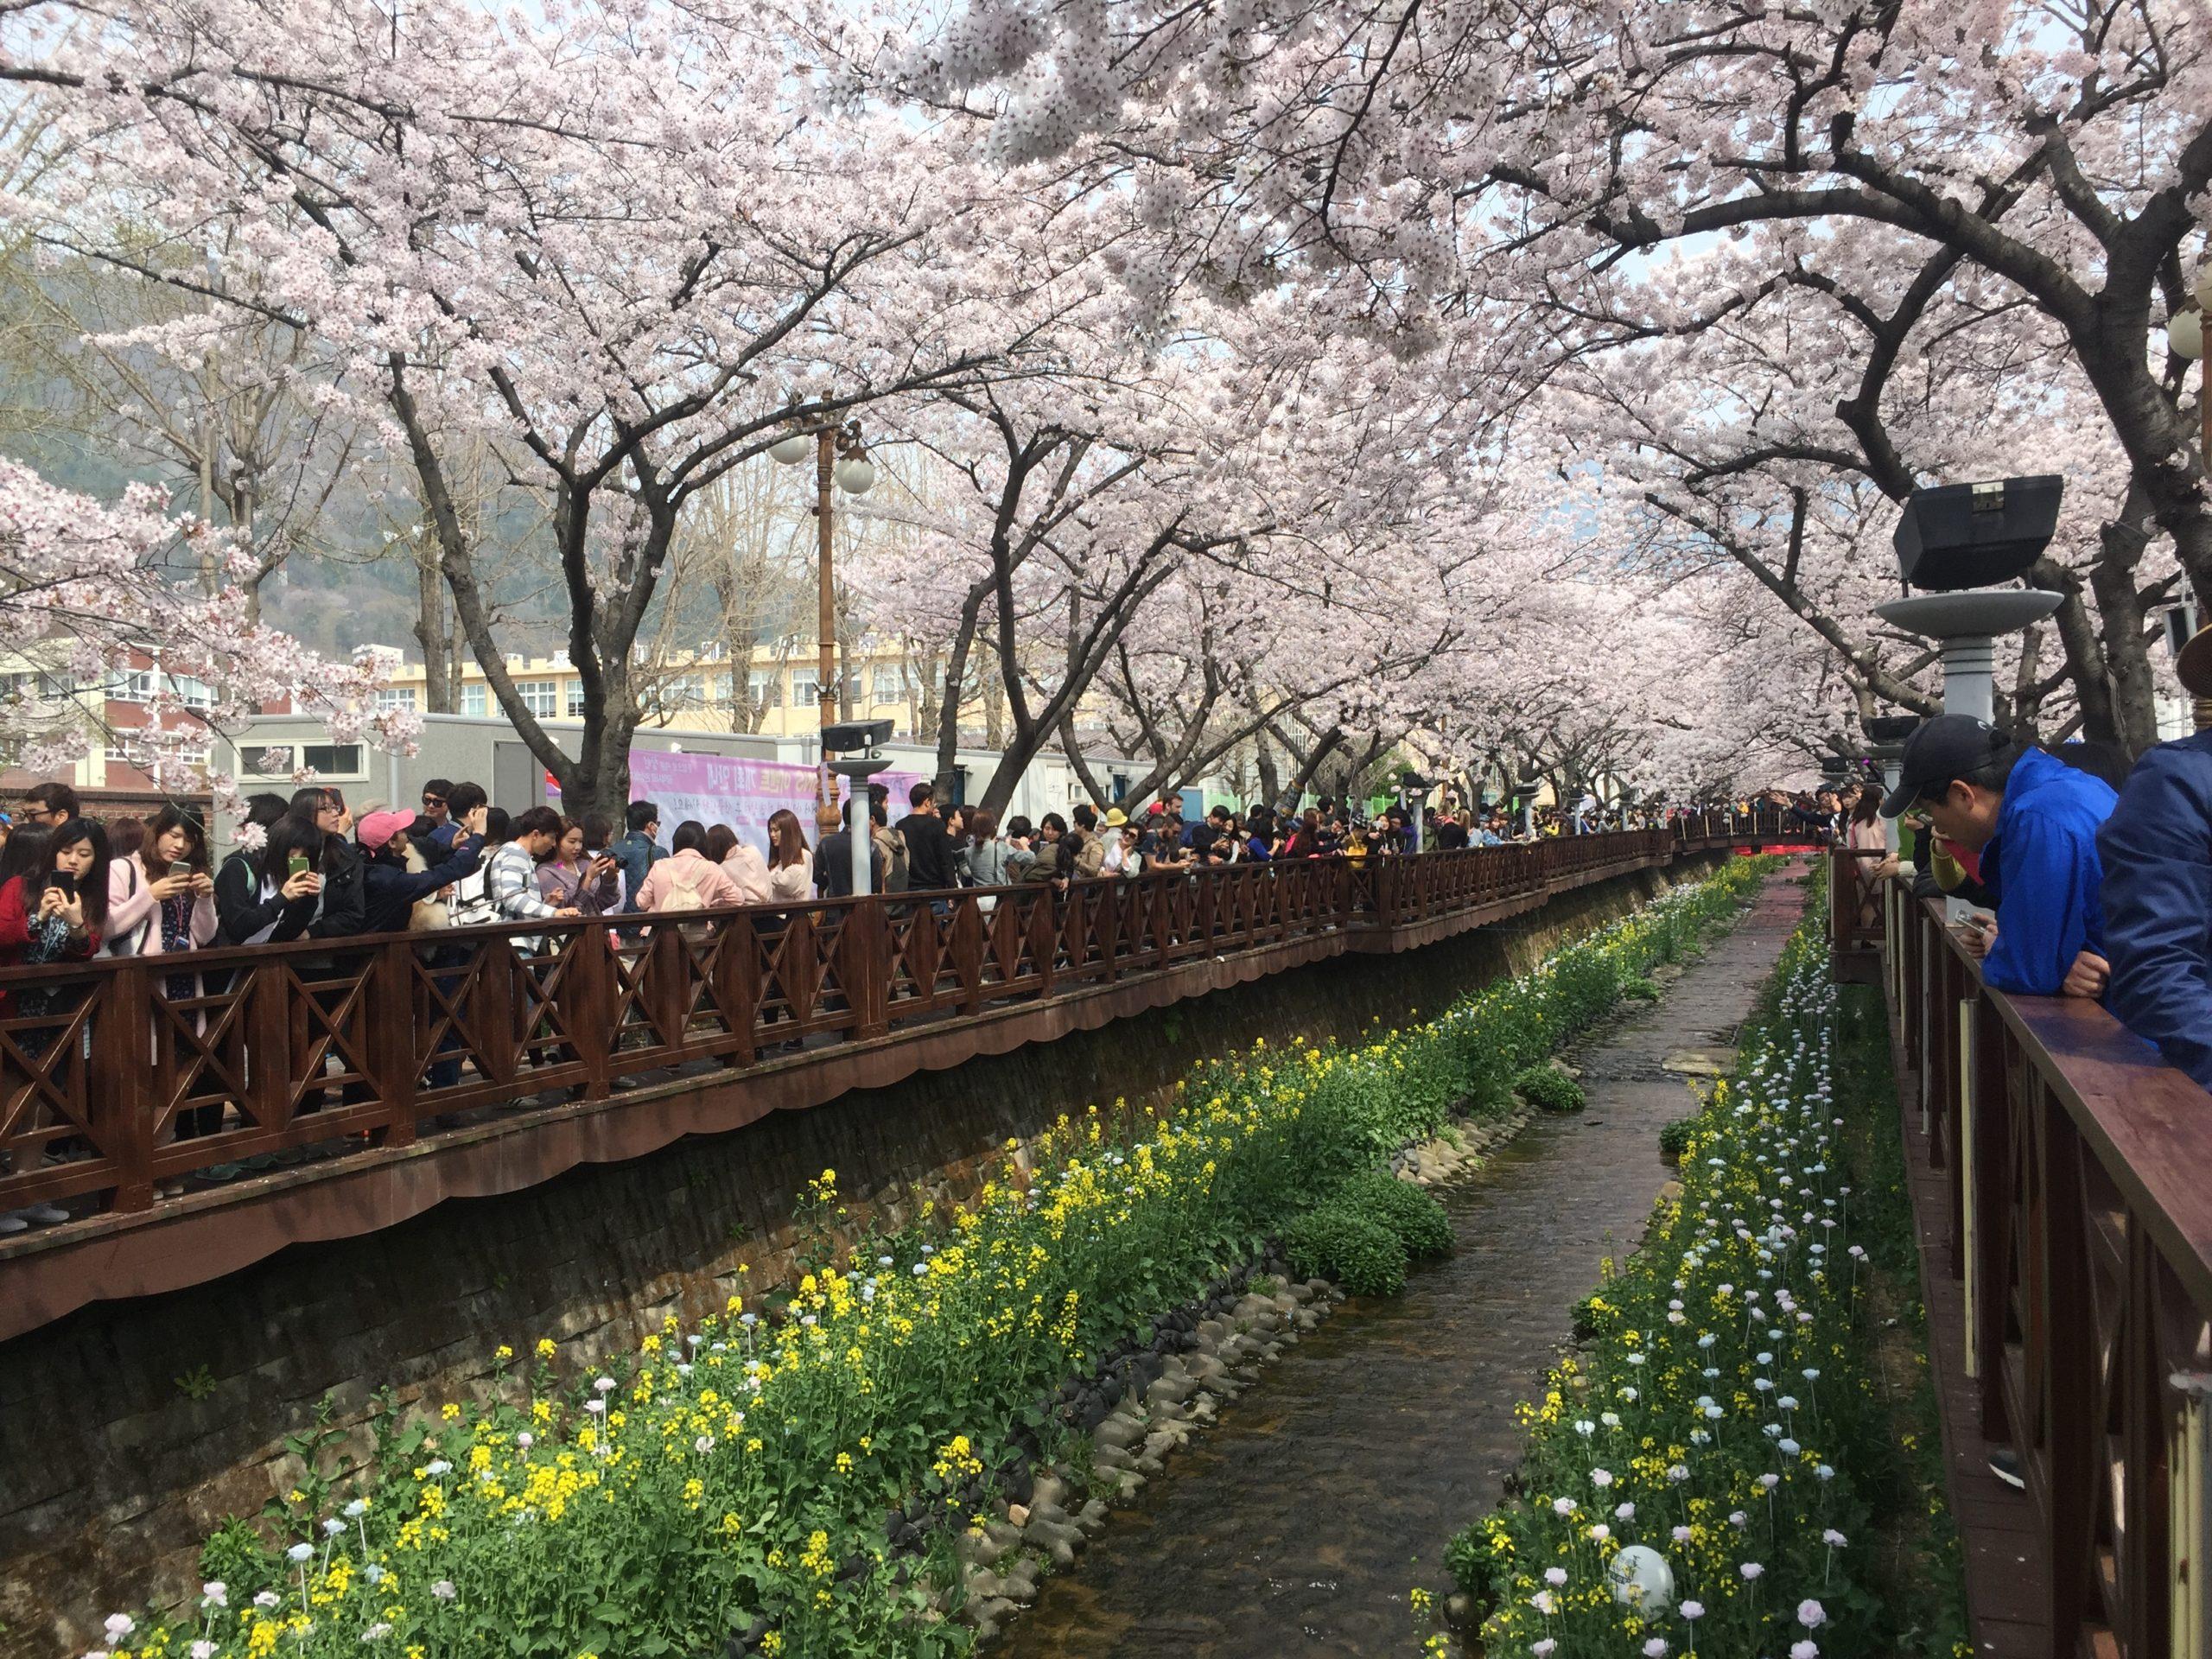 The cherry blossom season is really pretty in Korea! This photo courtesy of the Korea XA team